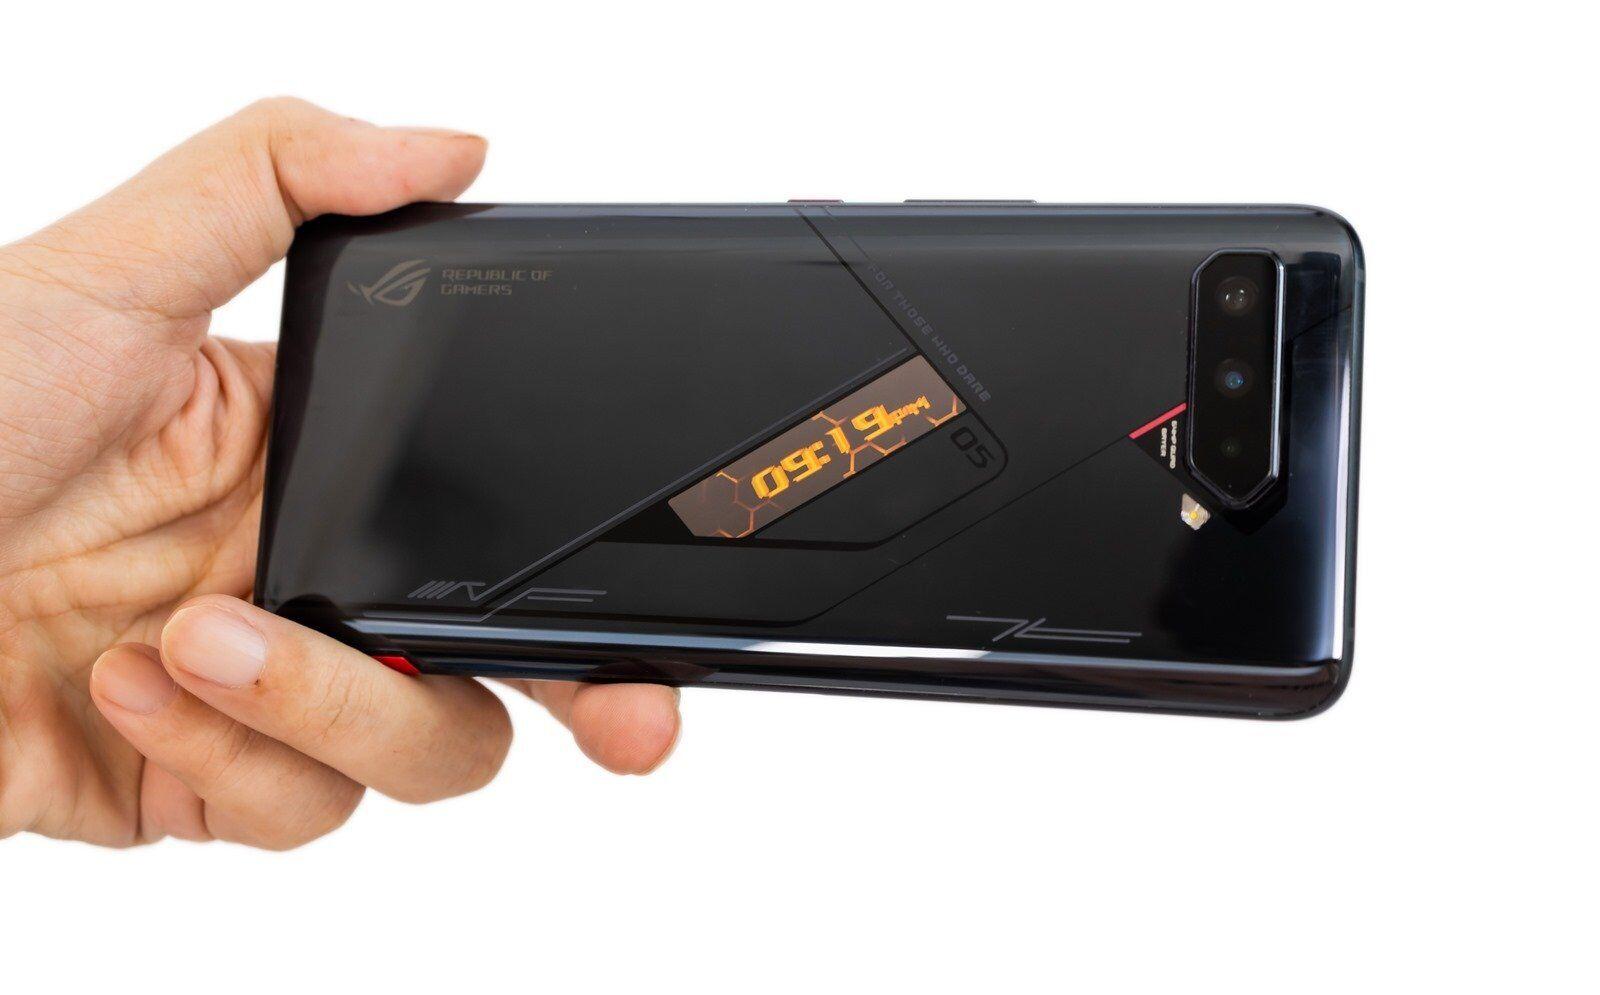 首款 S888+ 處理器來了!ASUS ROG Phone 5s Pro 性能測試 / 電力實測 / 遊戲實測!性能更快竟然電力更強了?! @3C 達人廖阿輝